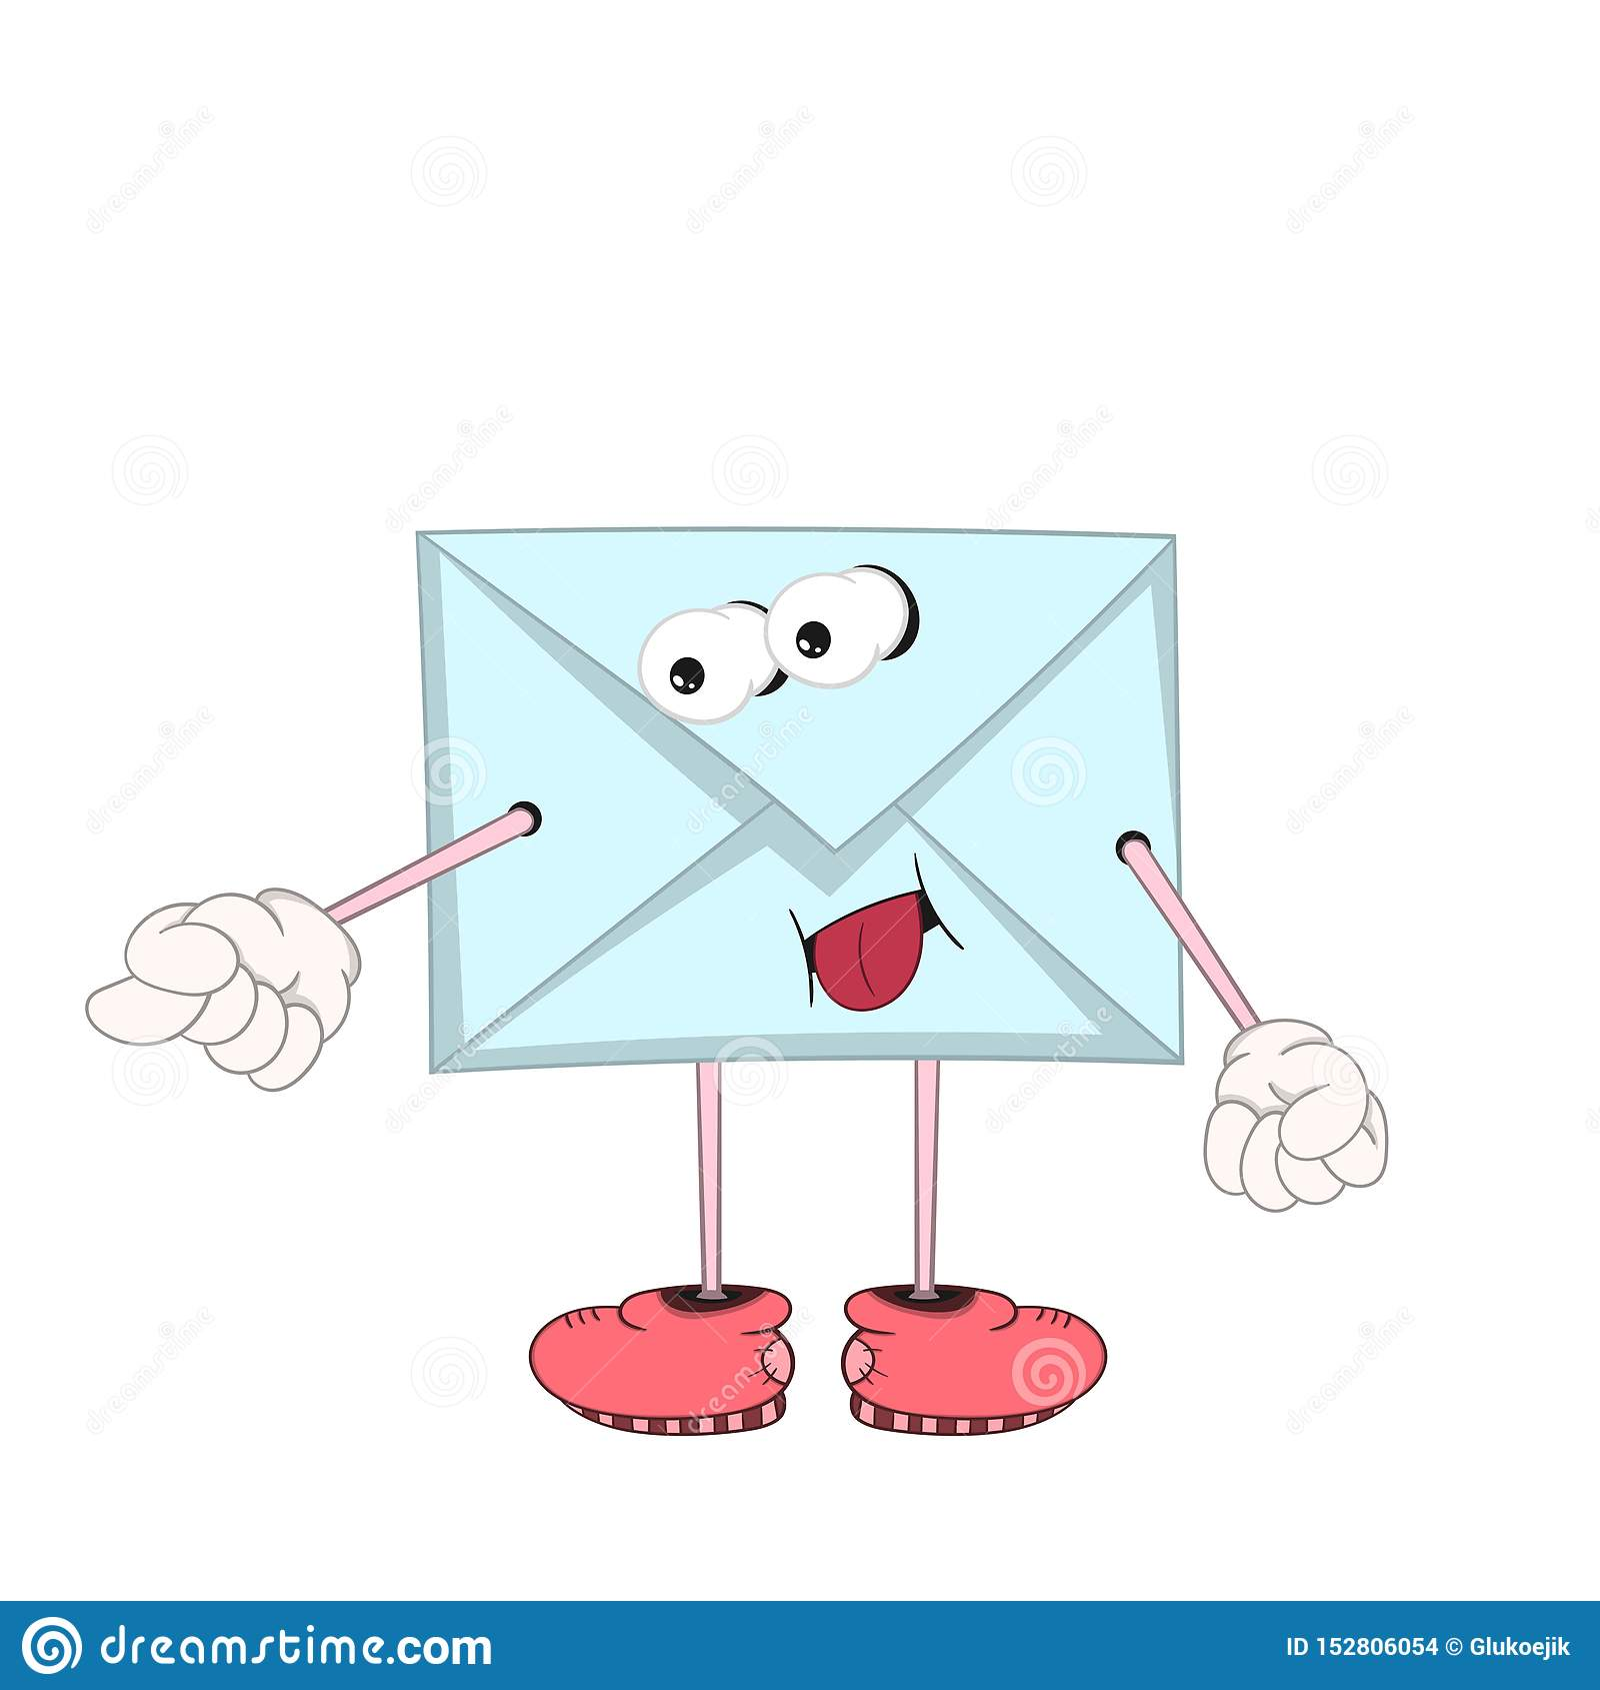 Śmieszny kreskówki błękita list z oczami, rękami i nogami w butach, dokucza jęzor i pokazuje